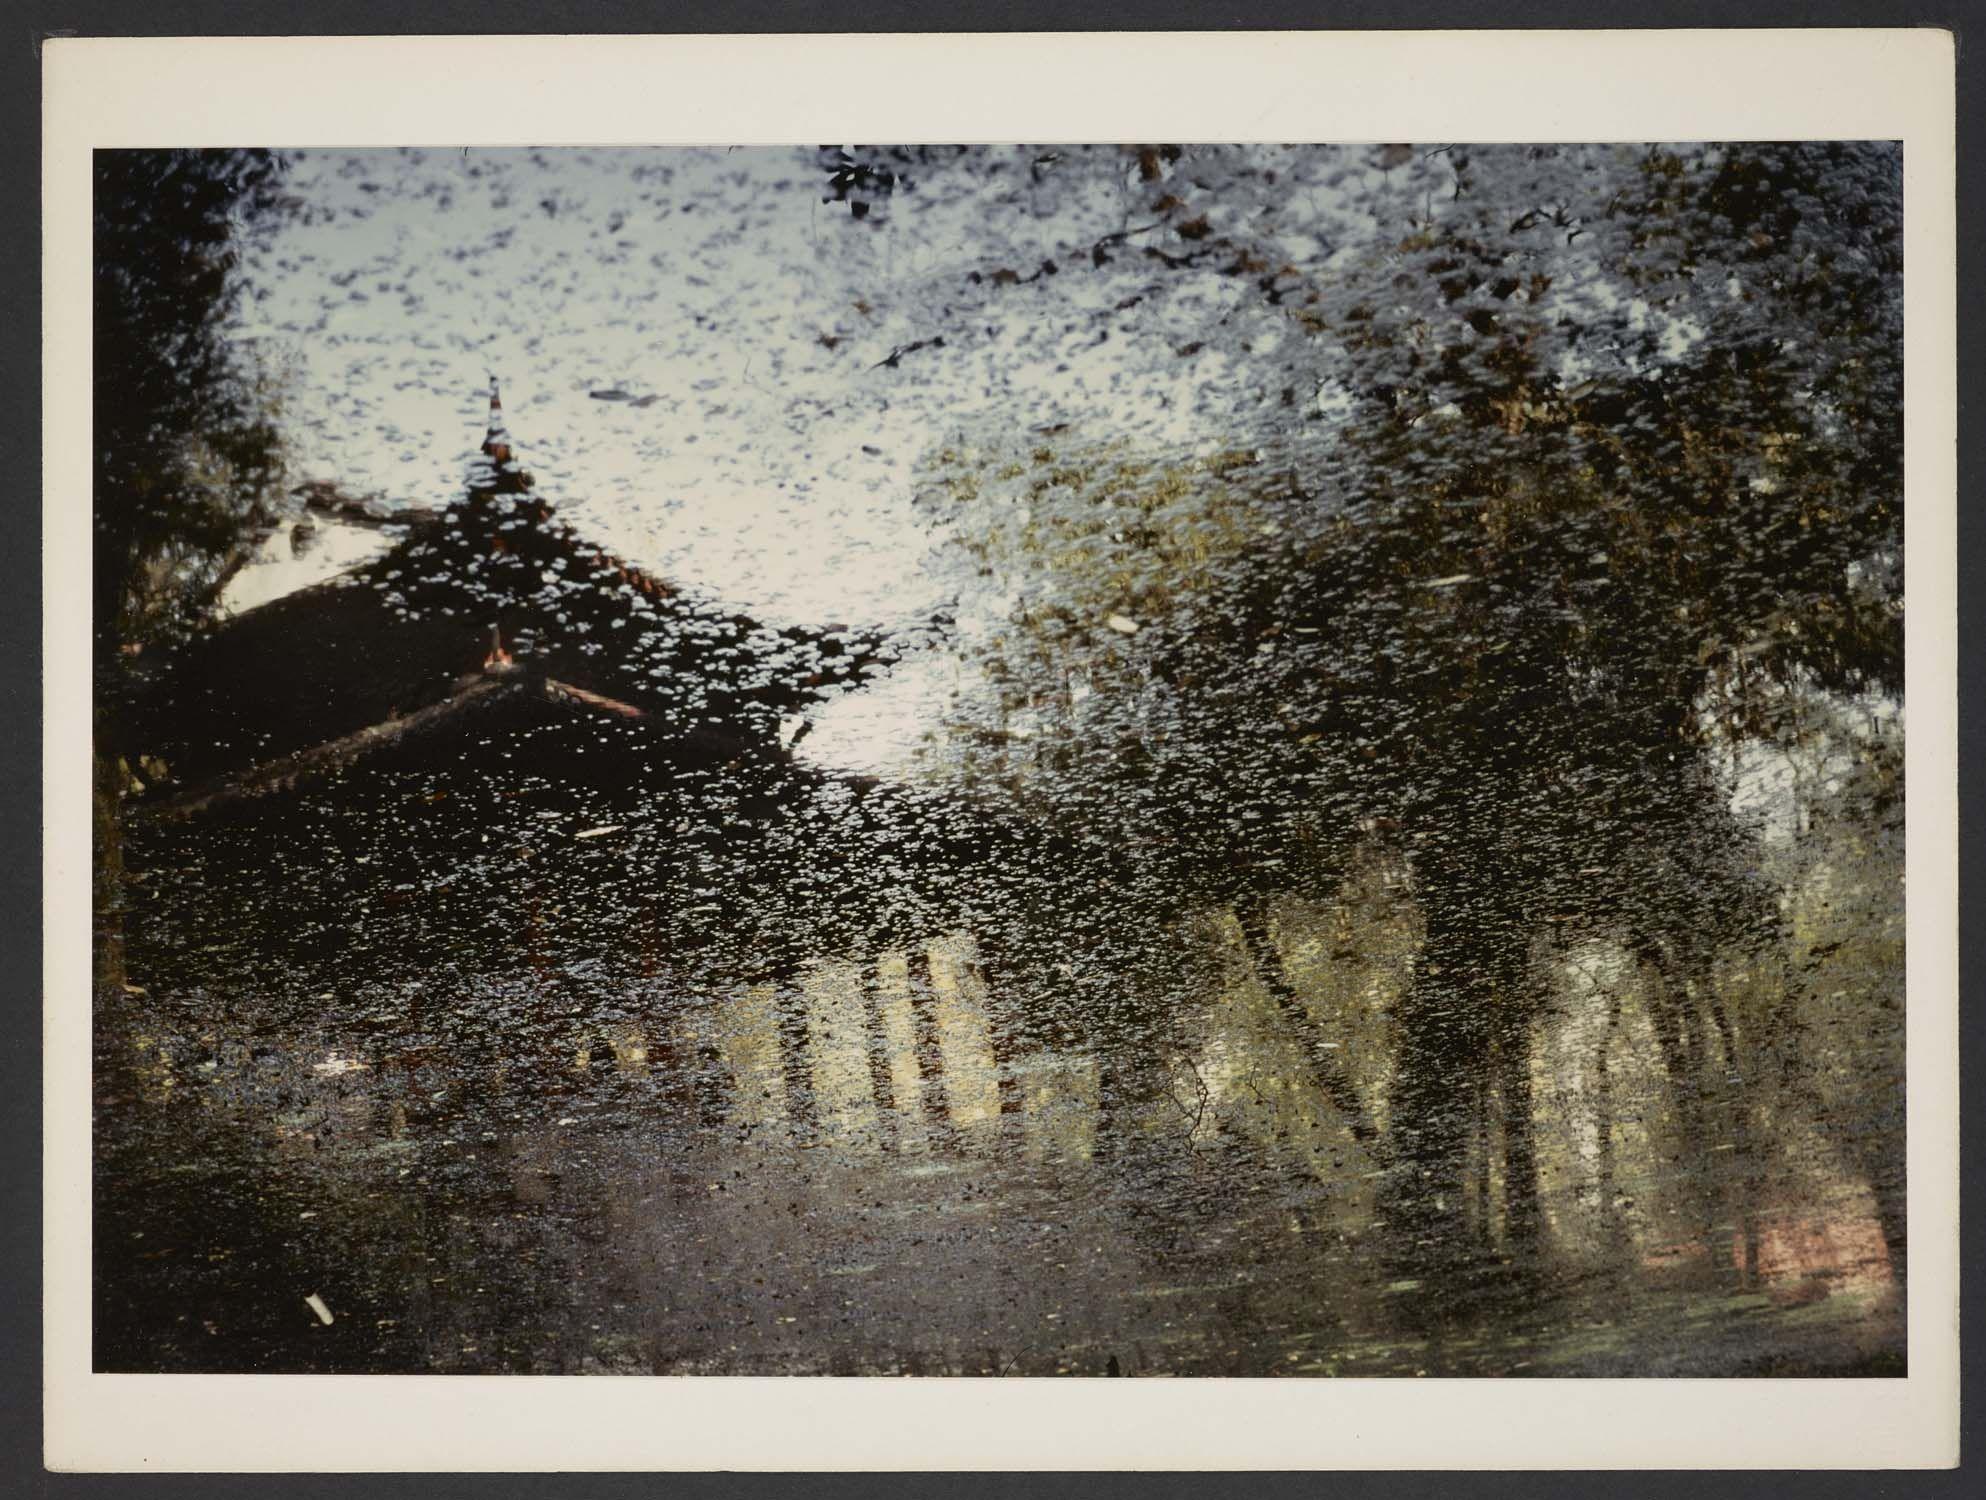 Michel Delaborde, Chine, (temple au travers d'une vitre) 1981-1982. © Ministère de la culture (France), Médiathèque de l'architecture et du patrimoine, Diffusion RMN-GP